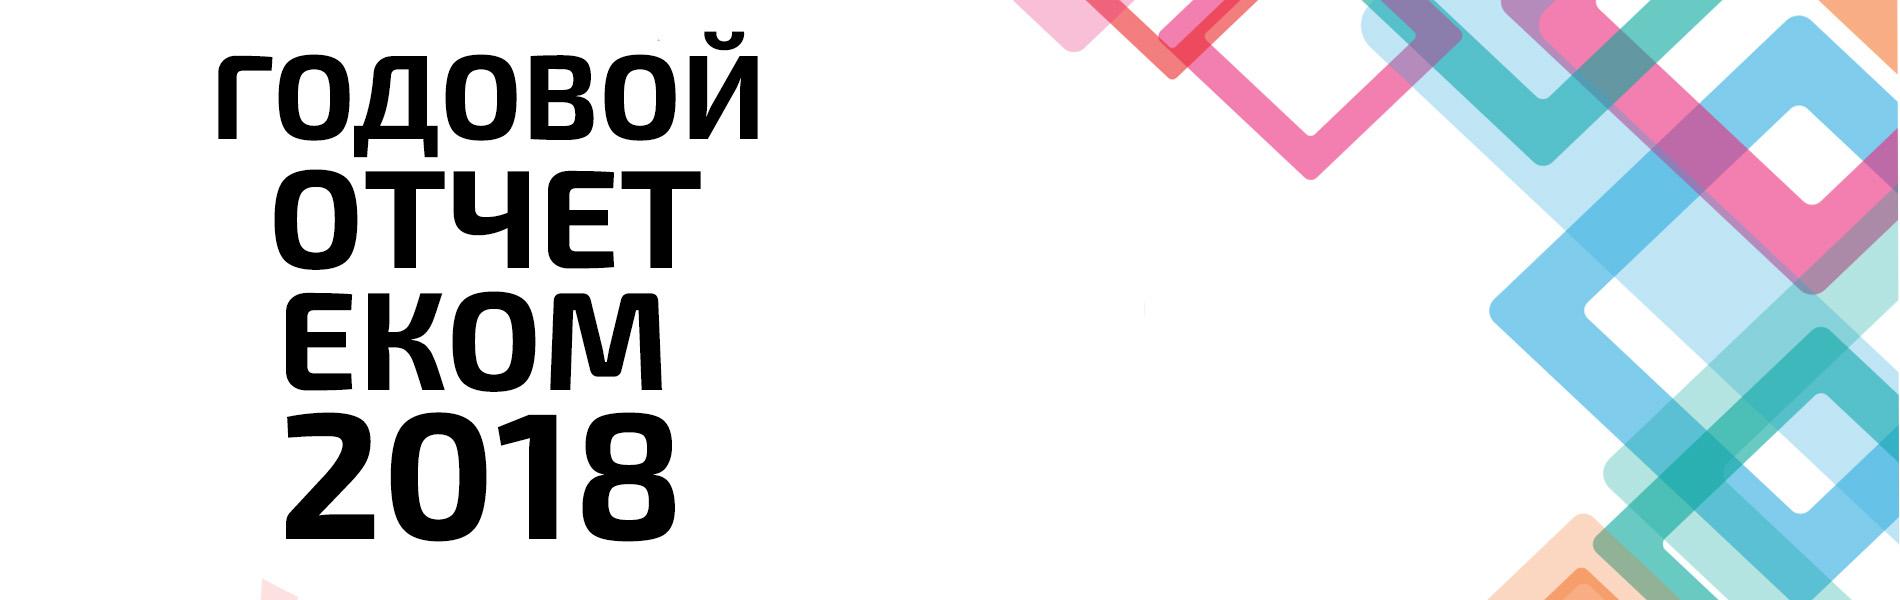 ЕКОМ представляет программный и финансовый отчет за 2018 год